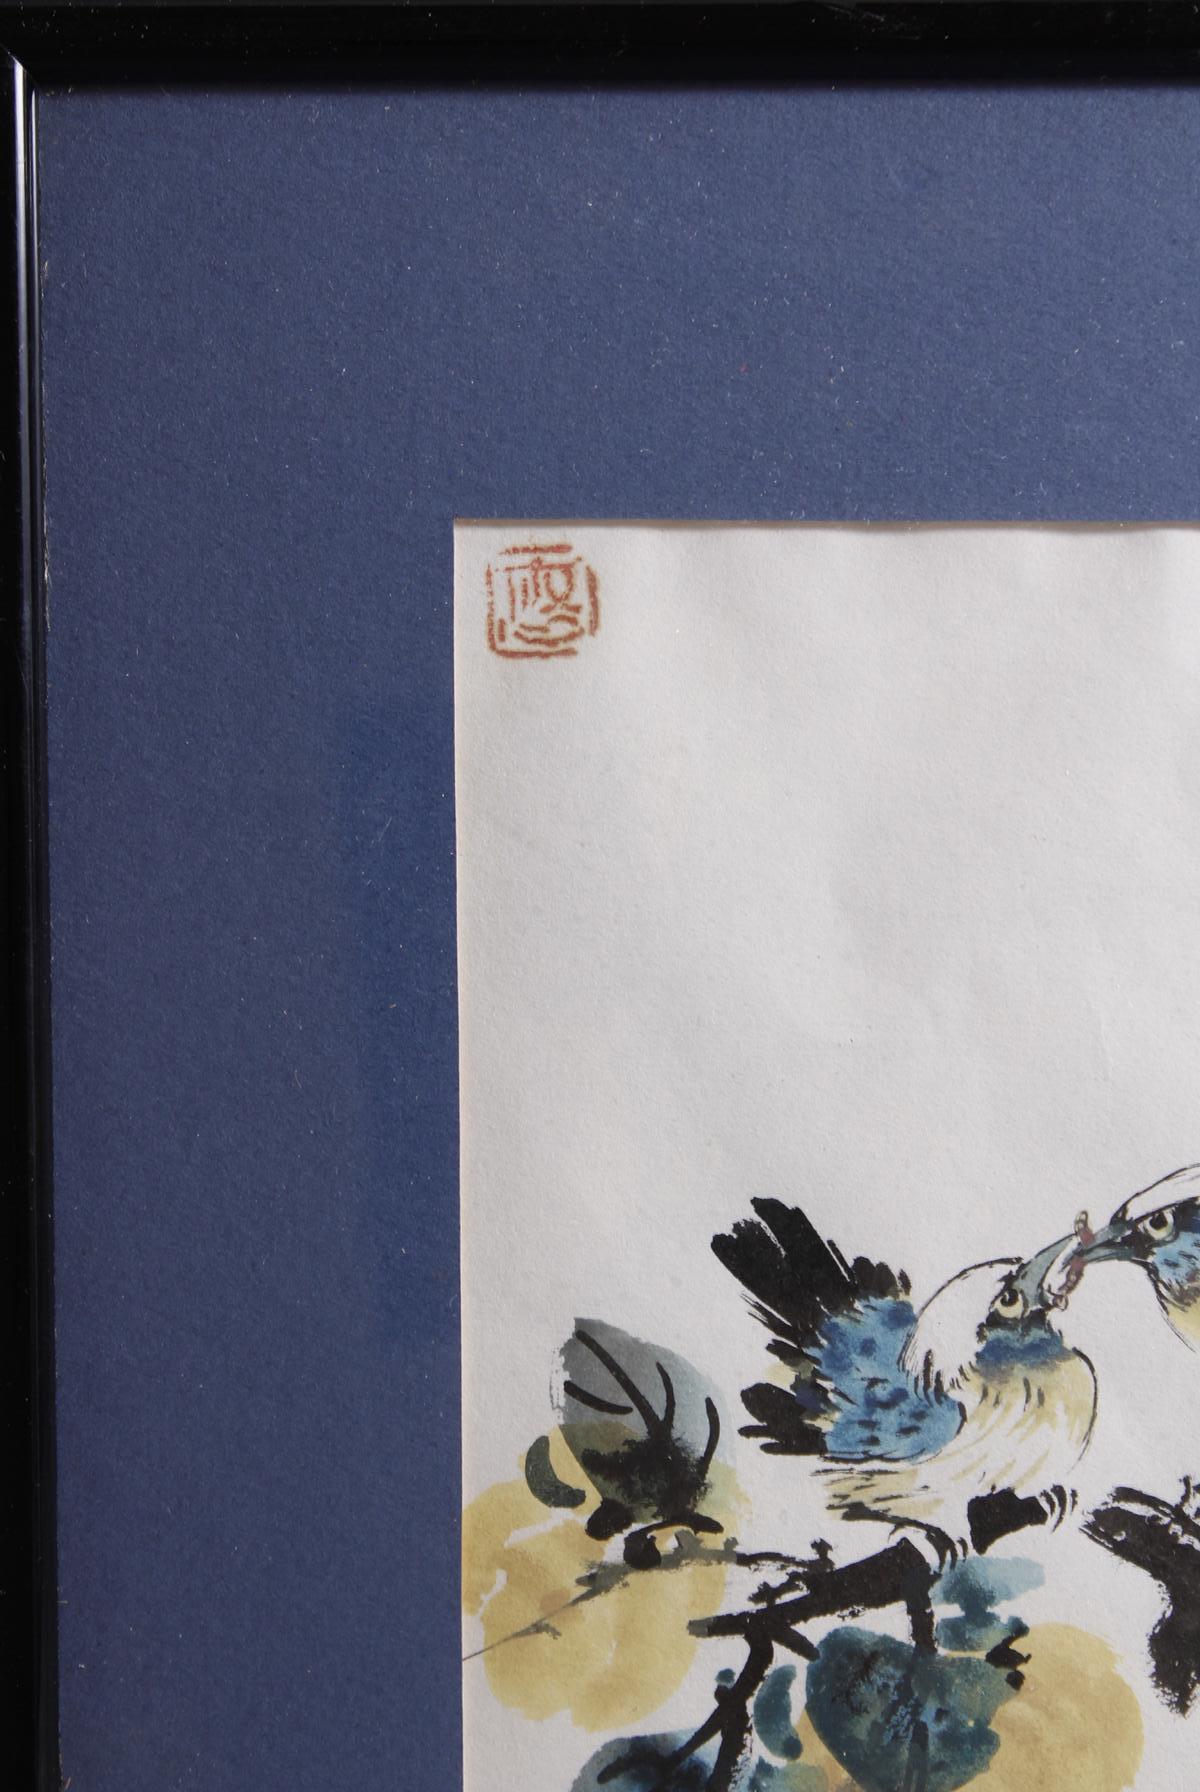 Aquarell, China, Mitte 20. Jahrhundert-5